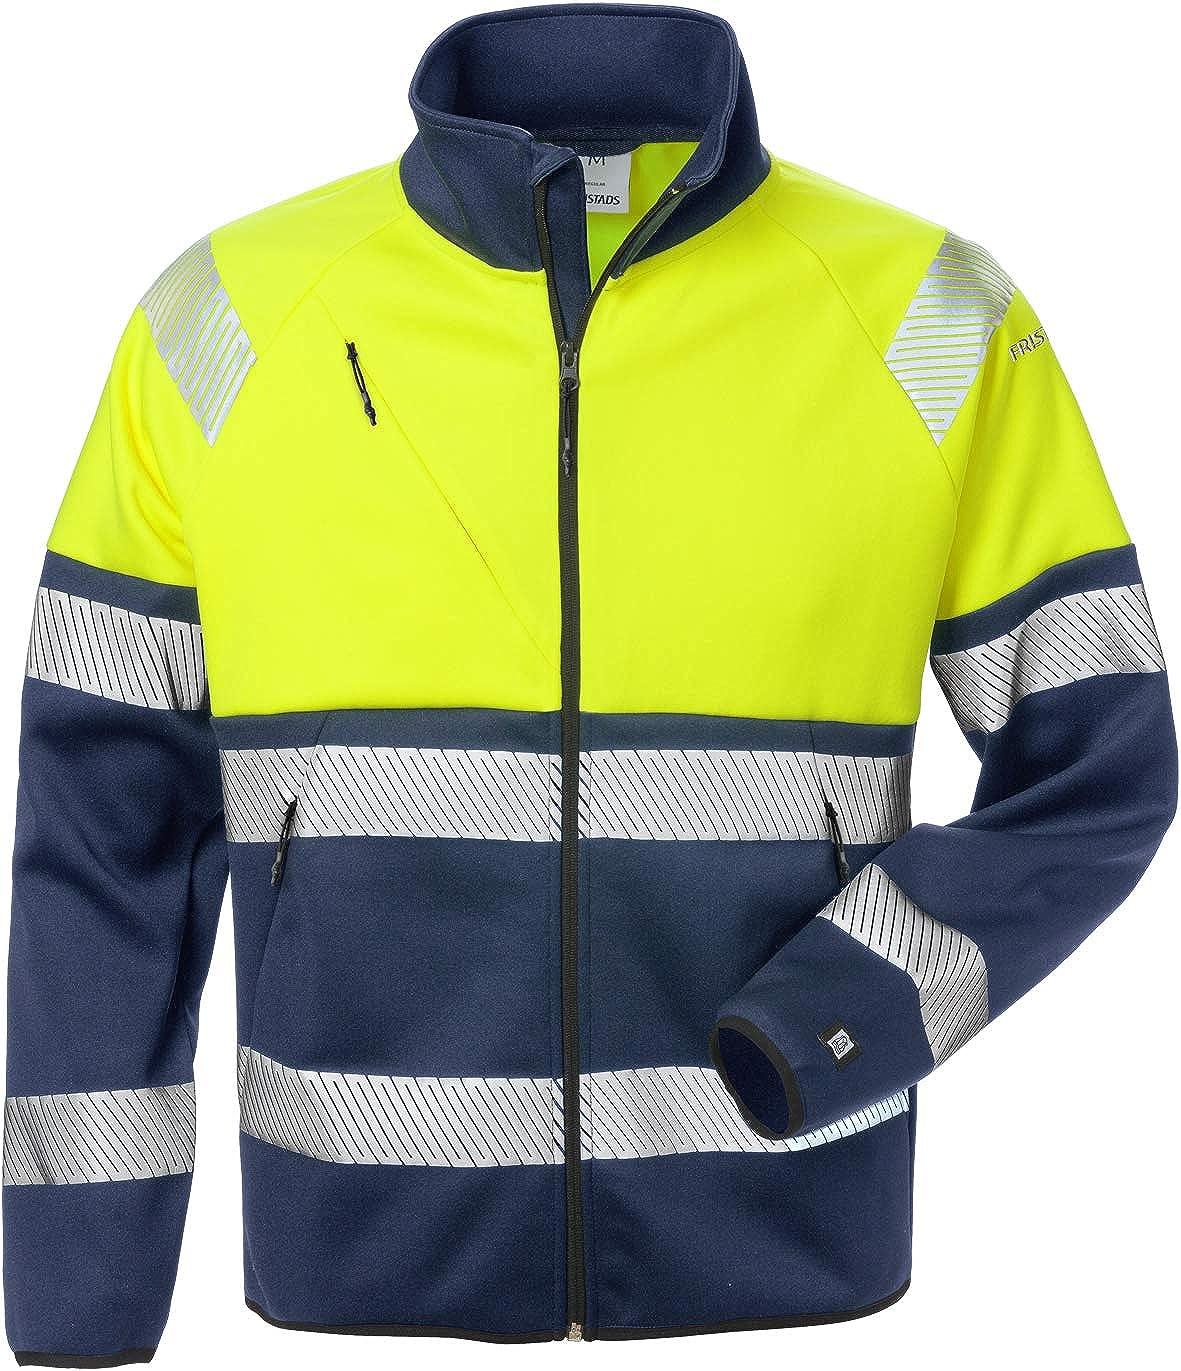 Fristads Workwear 129509 Mens Class 1 High Vis Sweat Jacket Yellow-Navy XL